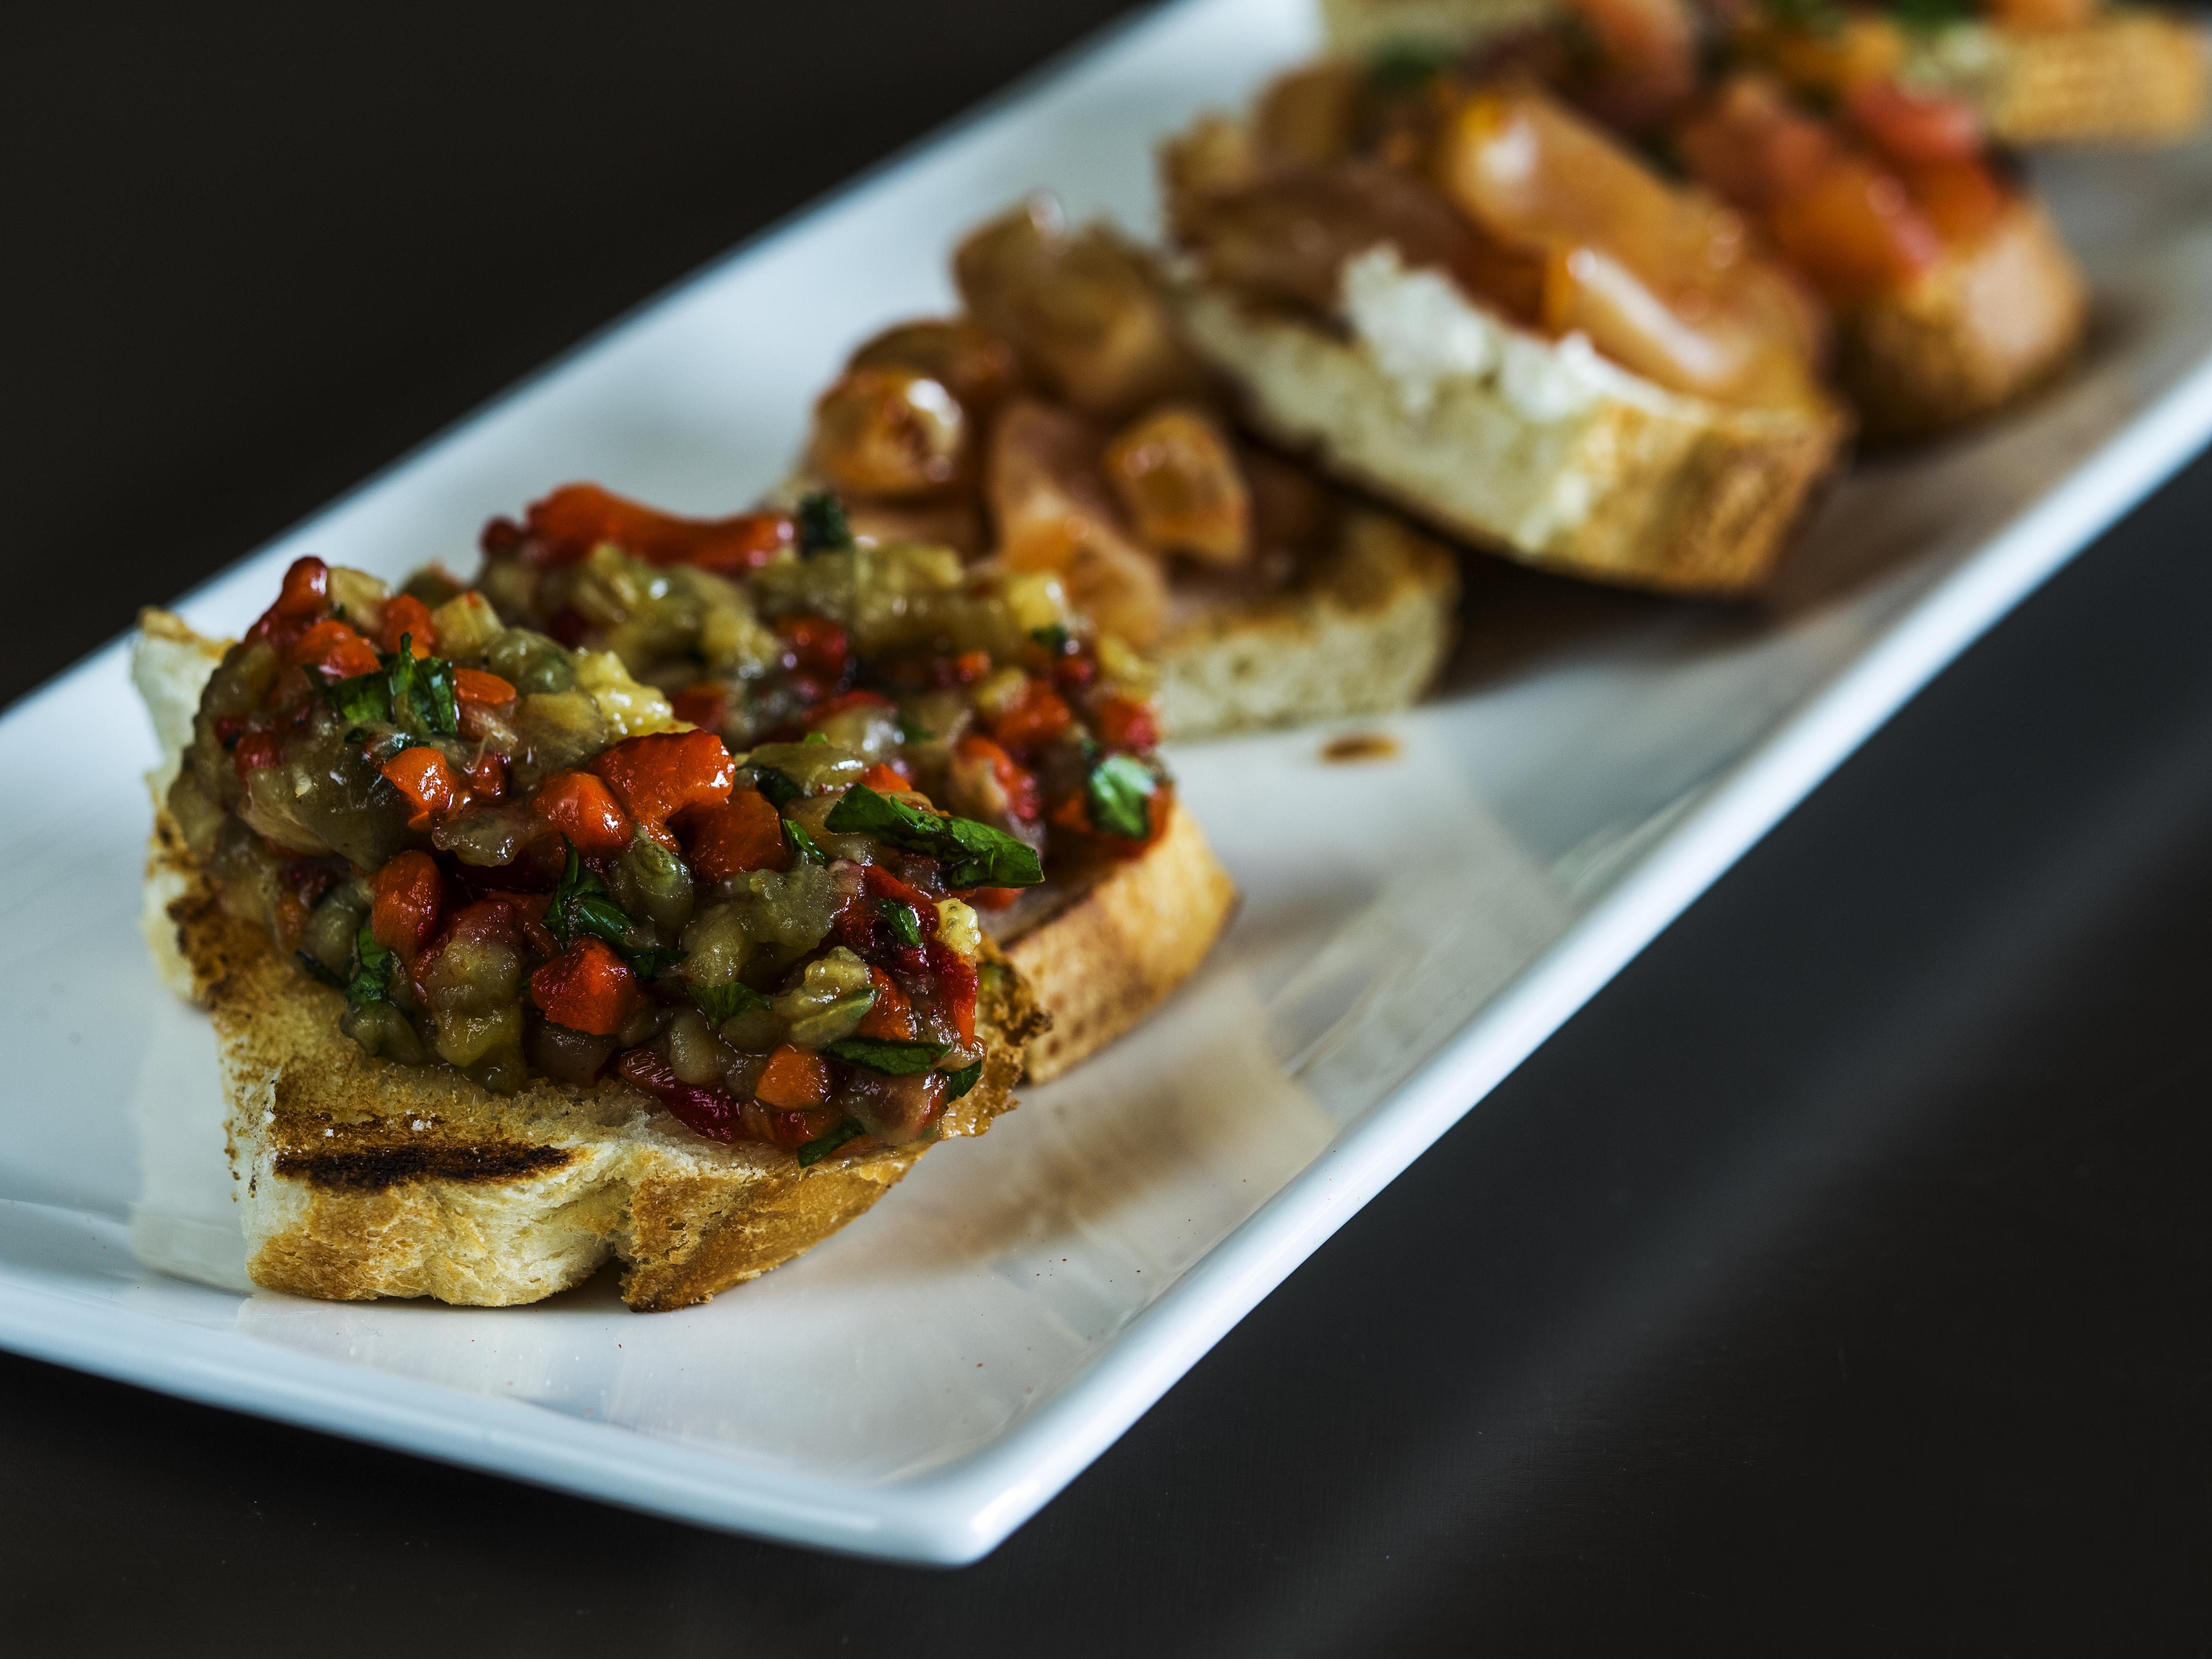 Savourez de d licieuses bruschettas v g tariennes avec cette recette aux aubergines grill es - Recette avec aubergine grillee ...